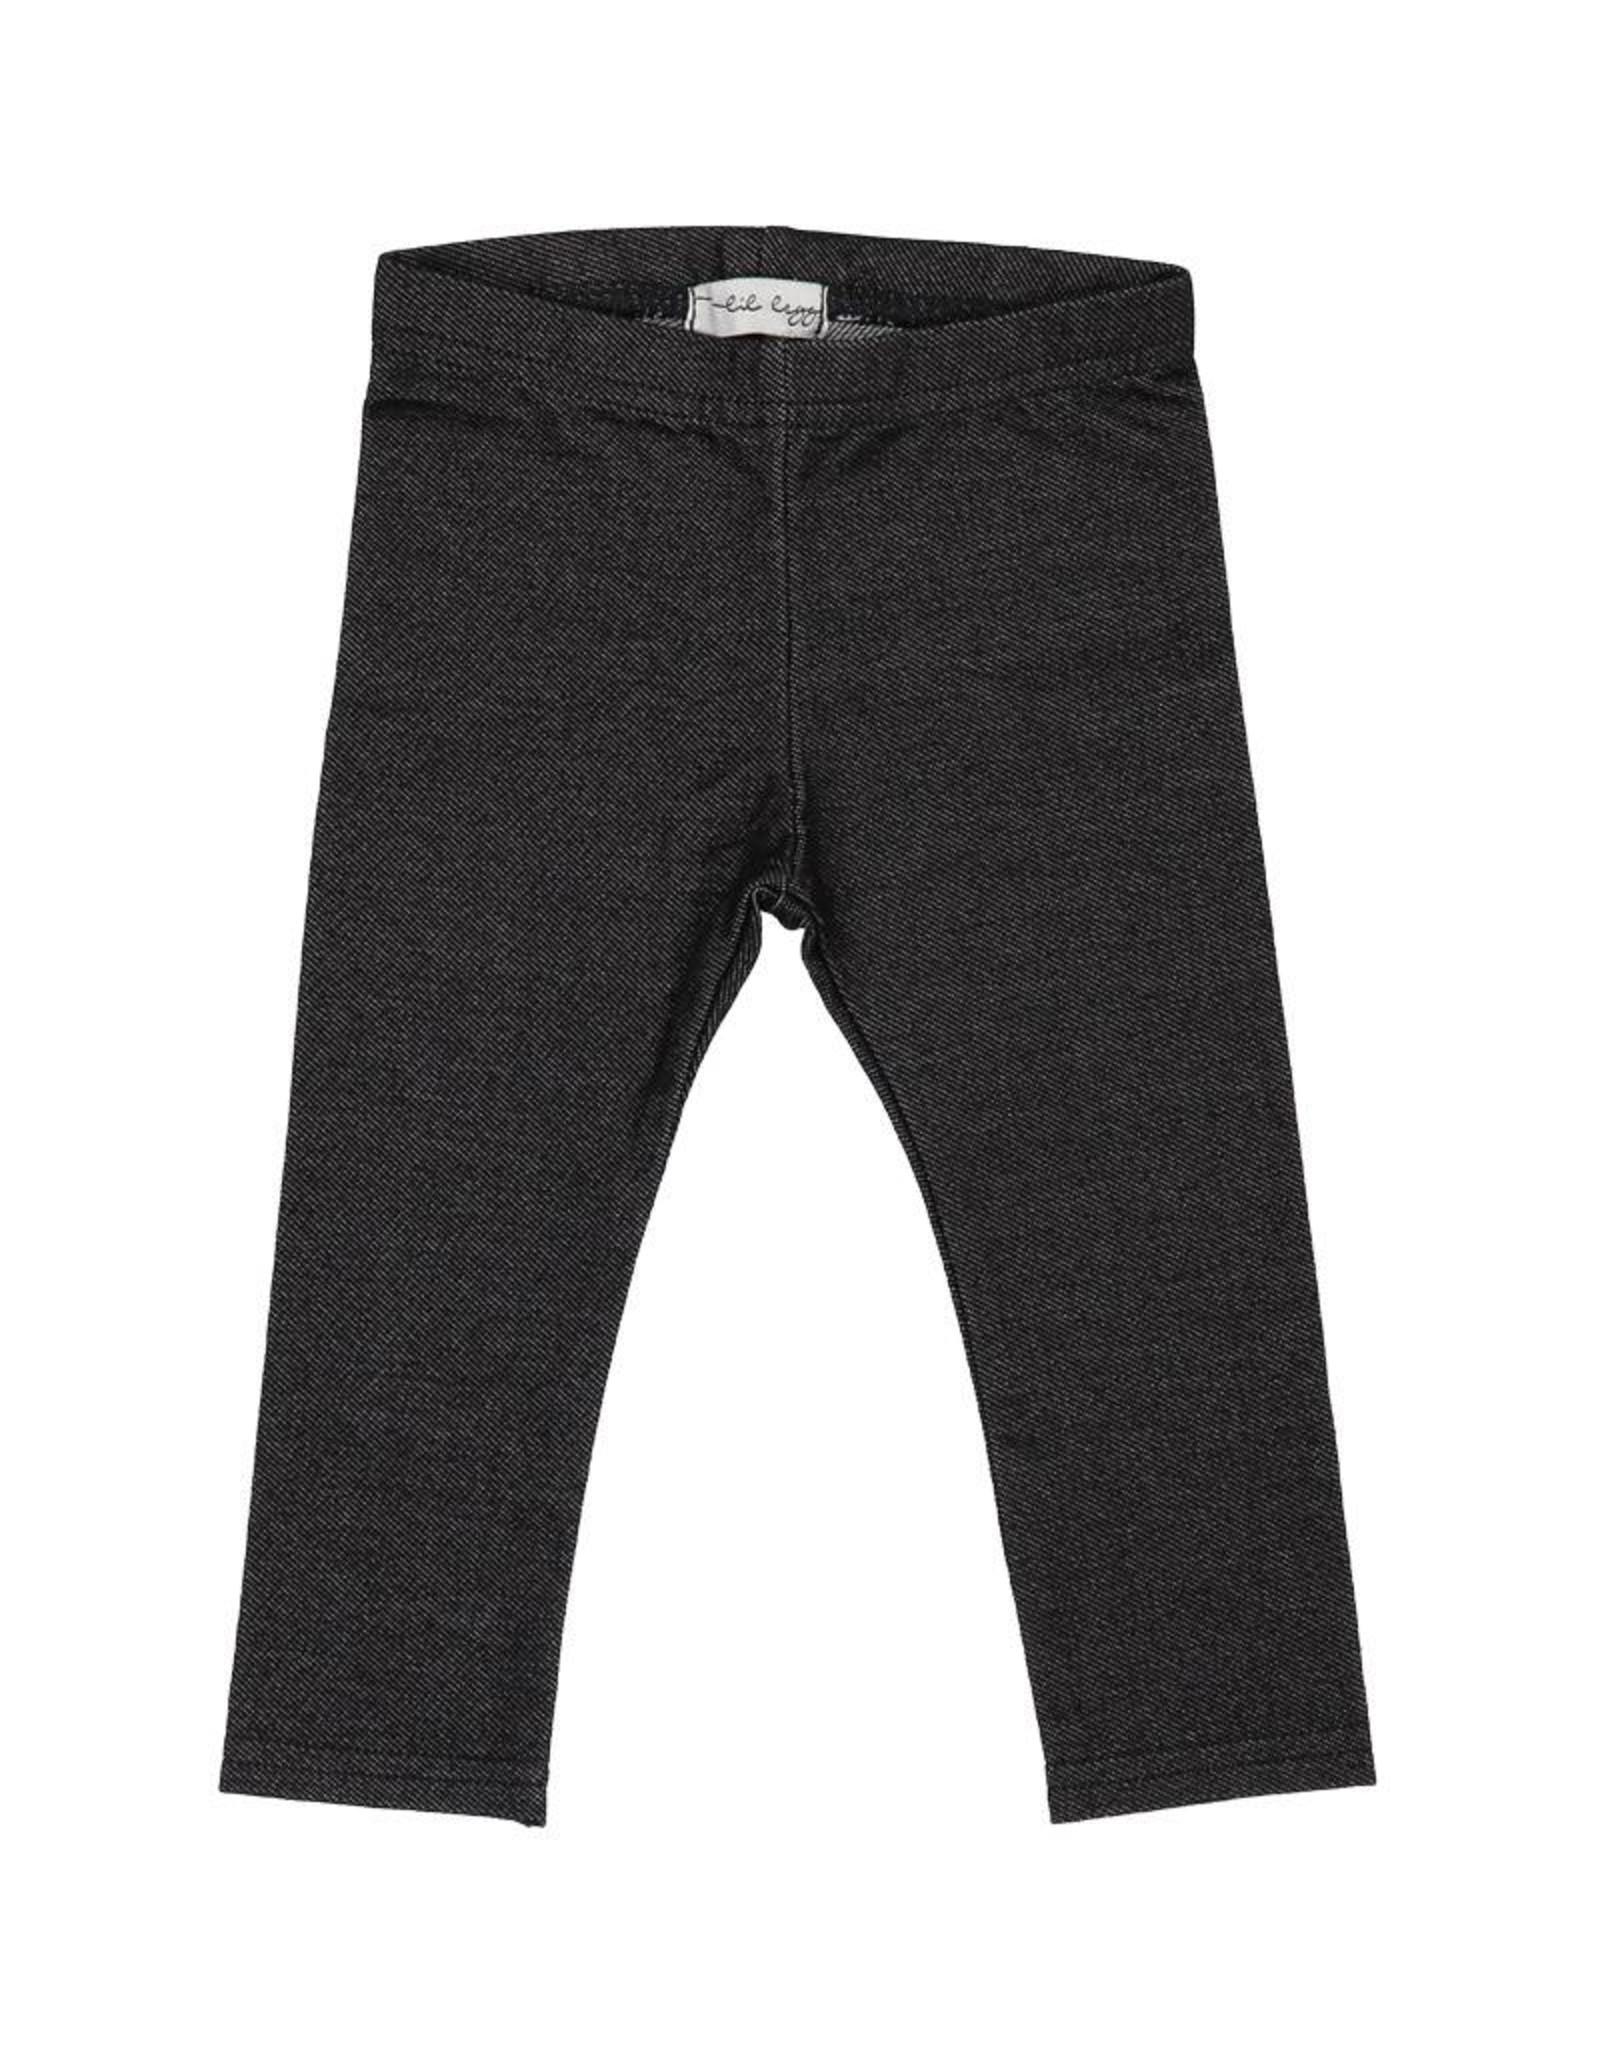 LIL LEGS Fall/Winter Jean Leggings